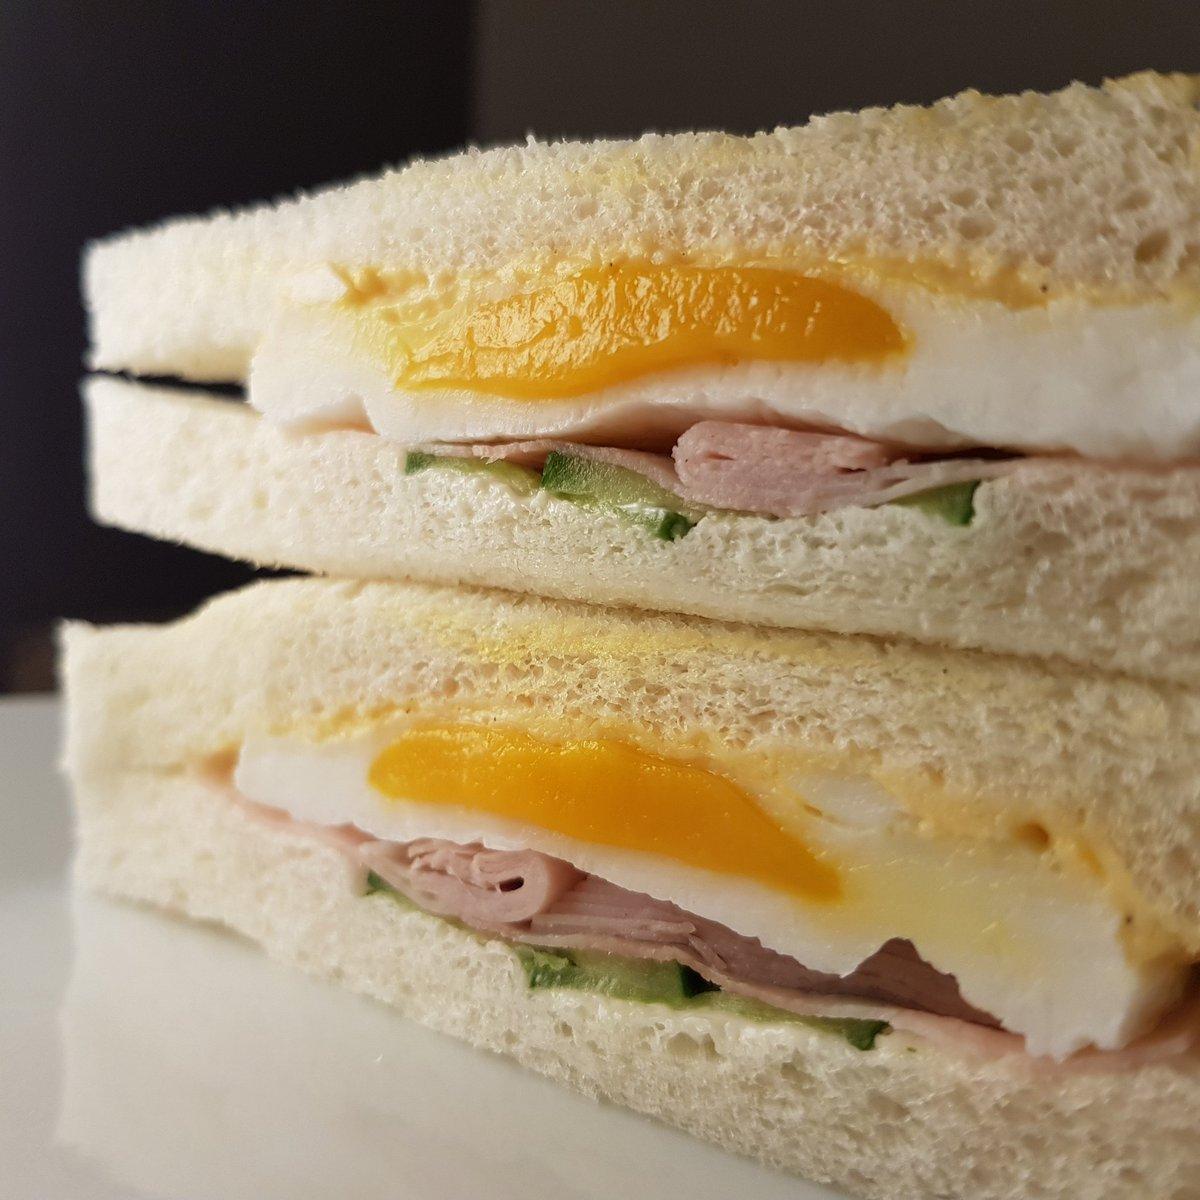 Попки сэндвич фото, совместная ебля взрослых